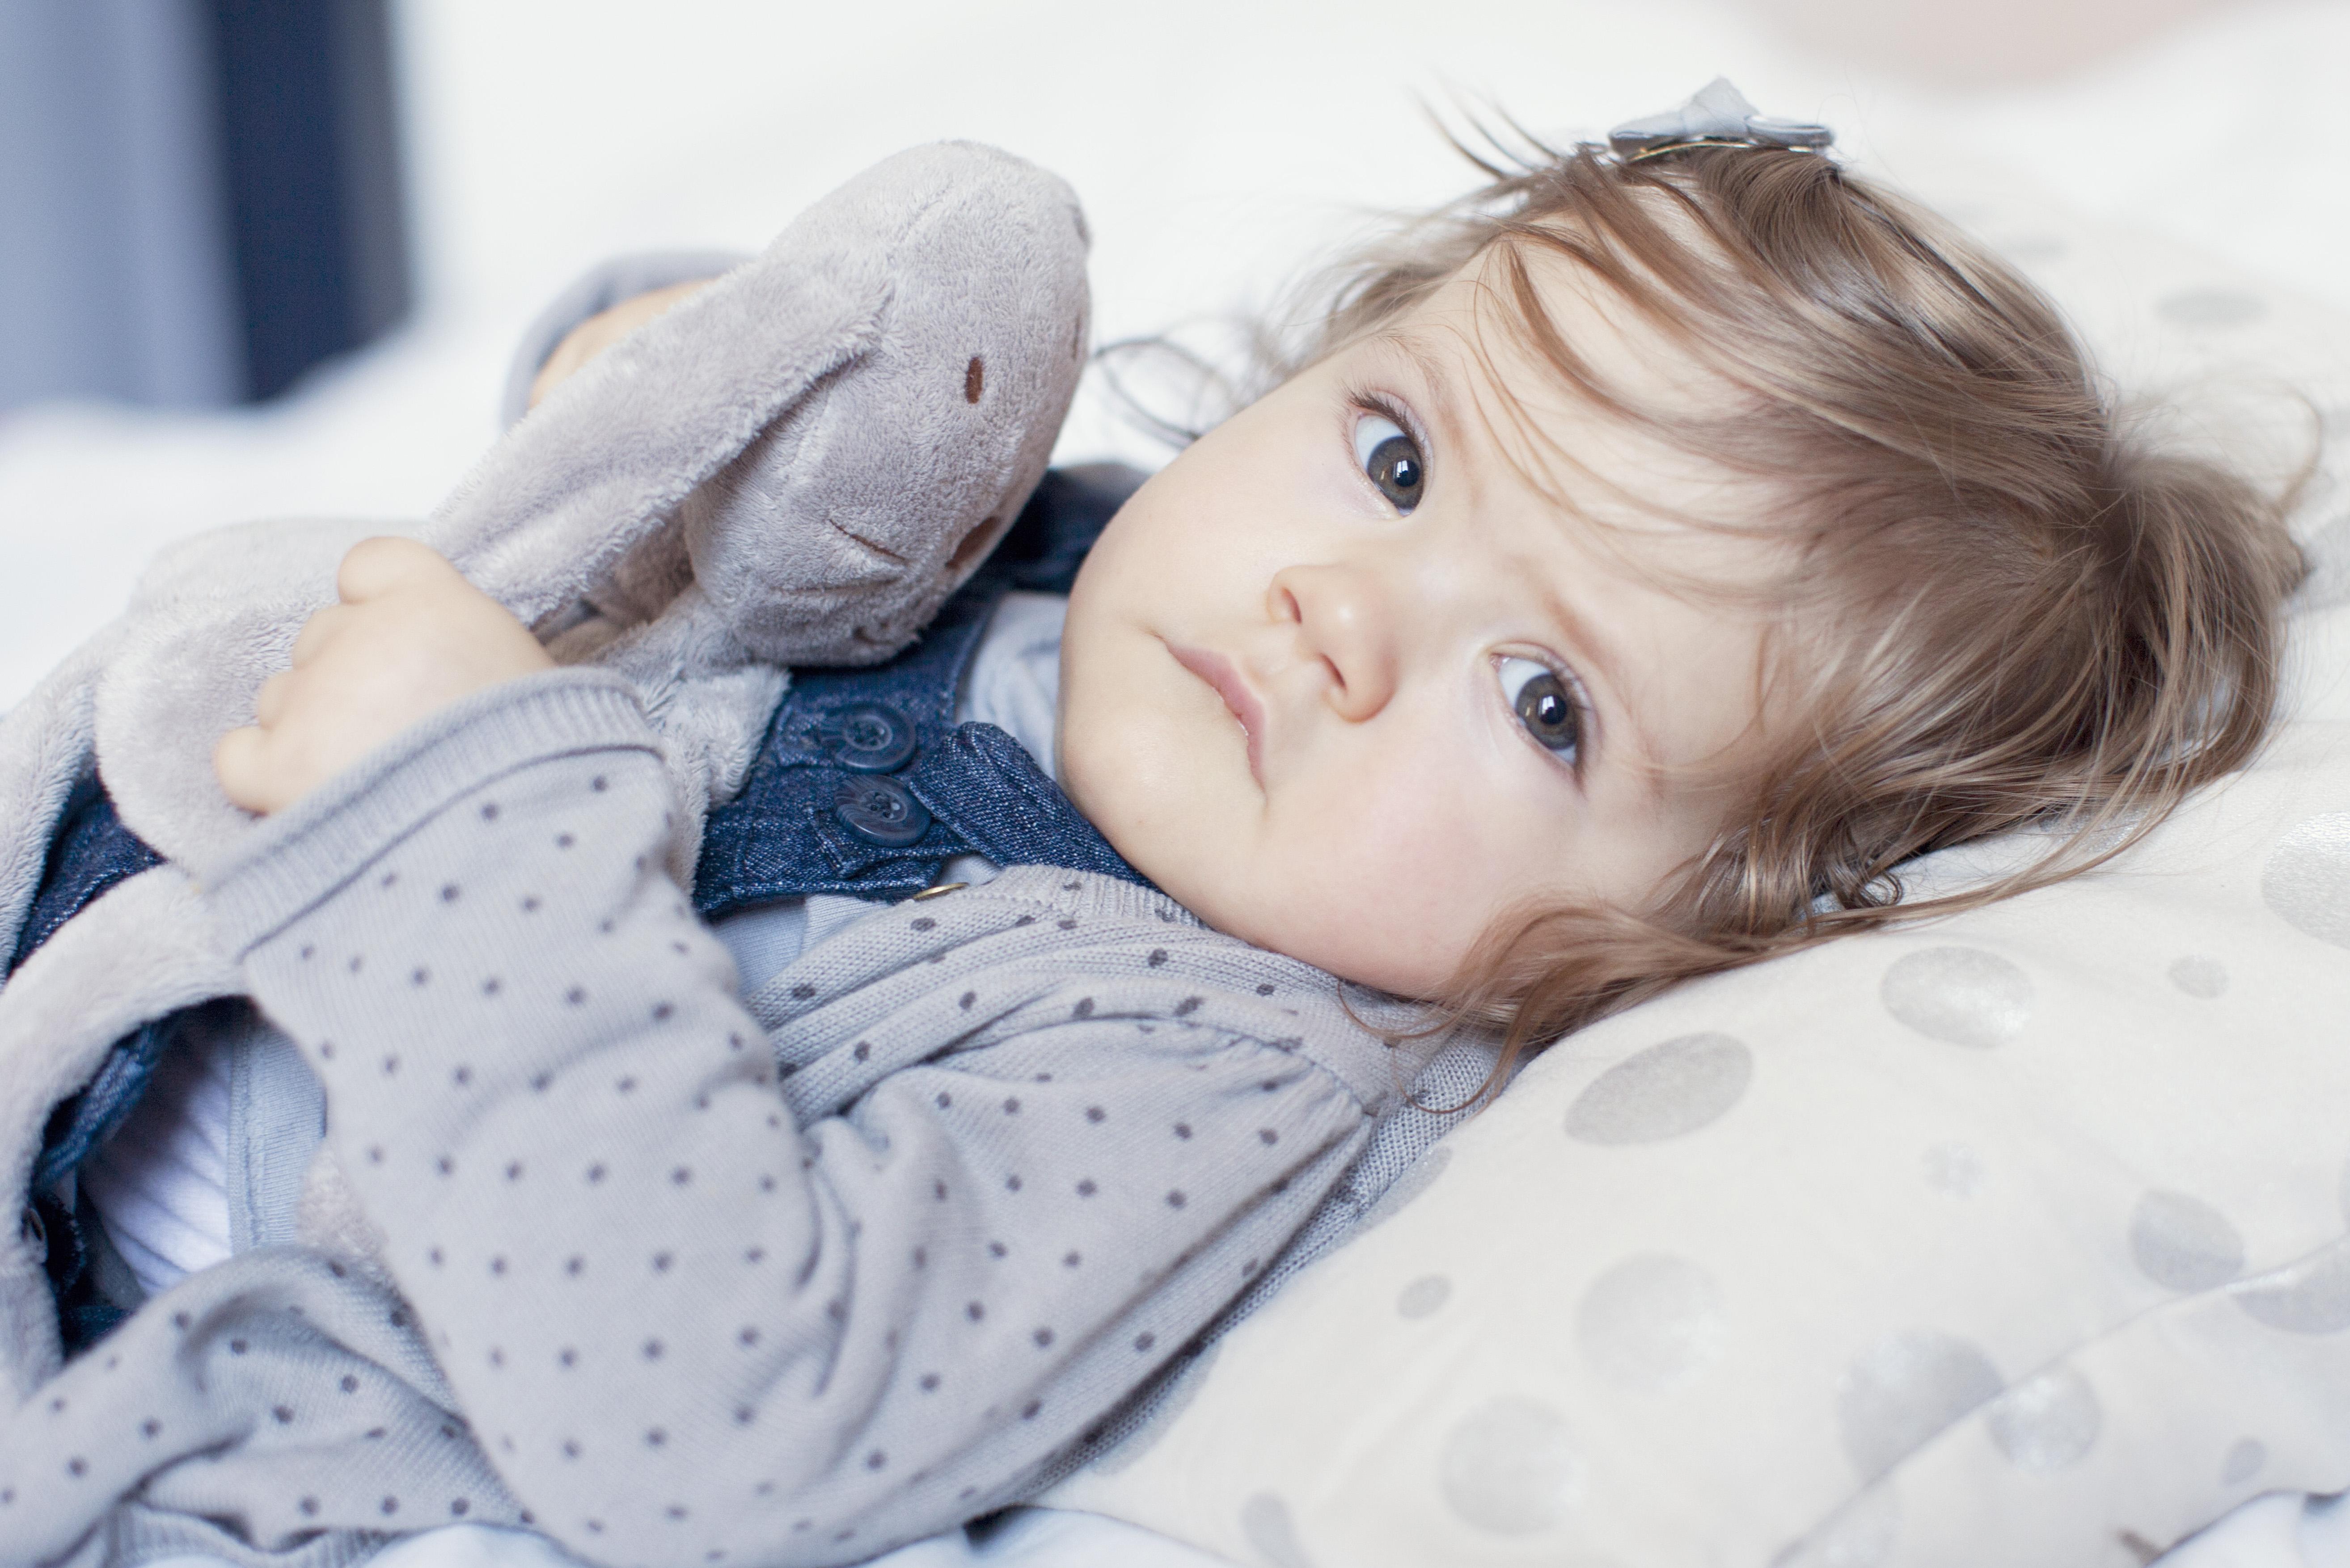 Как проявляется вчд у детей - признаки, симптомы и методы диагностики